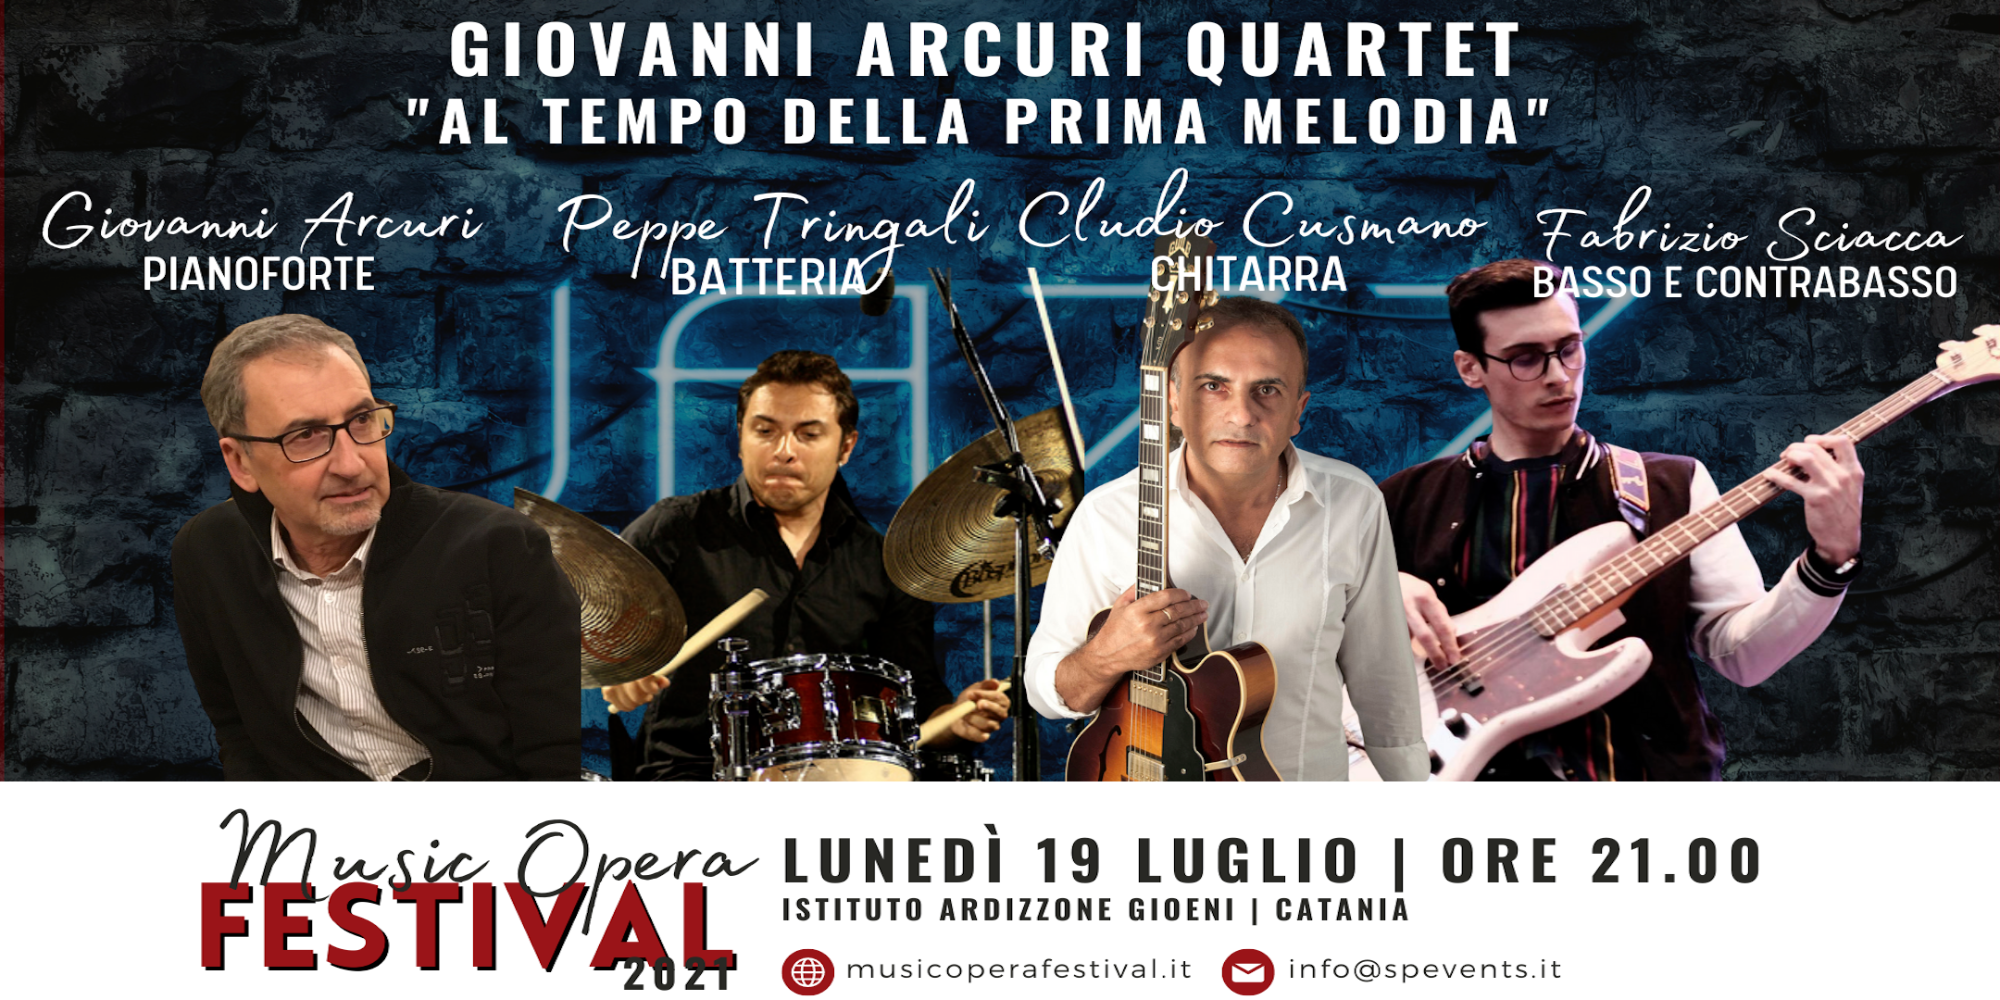 """All'Ardizzone Gioeni strepitoso concerto per il MOF 2021: Giovanni Arcuri Quartet in """"Al Tempo della Prima Melodia"""""""